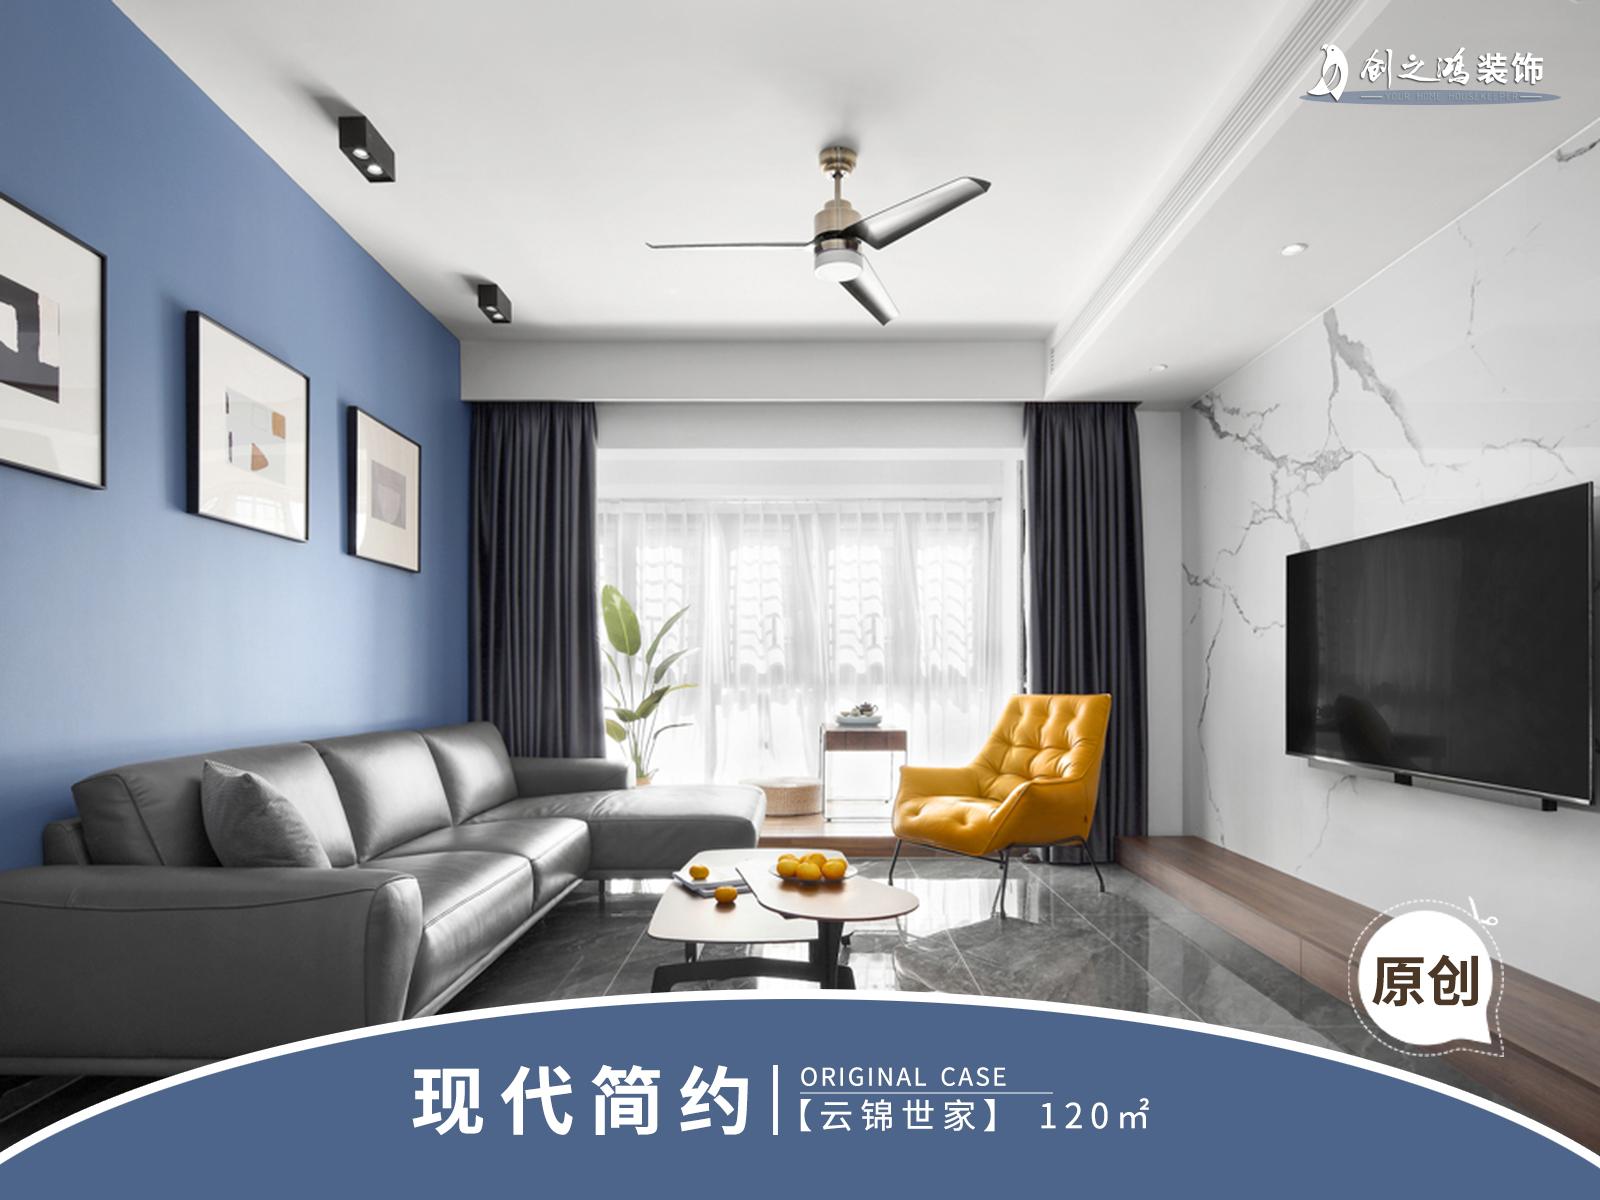 天津市西青区云锦世家现代简约风格装修效果图